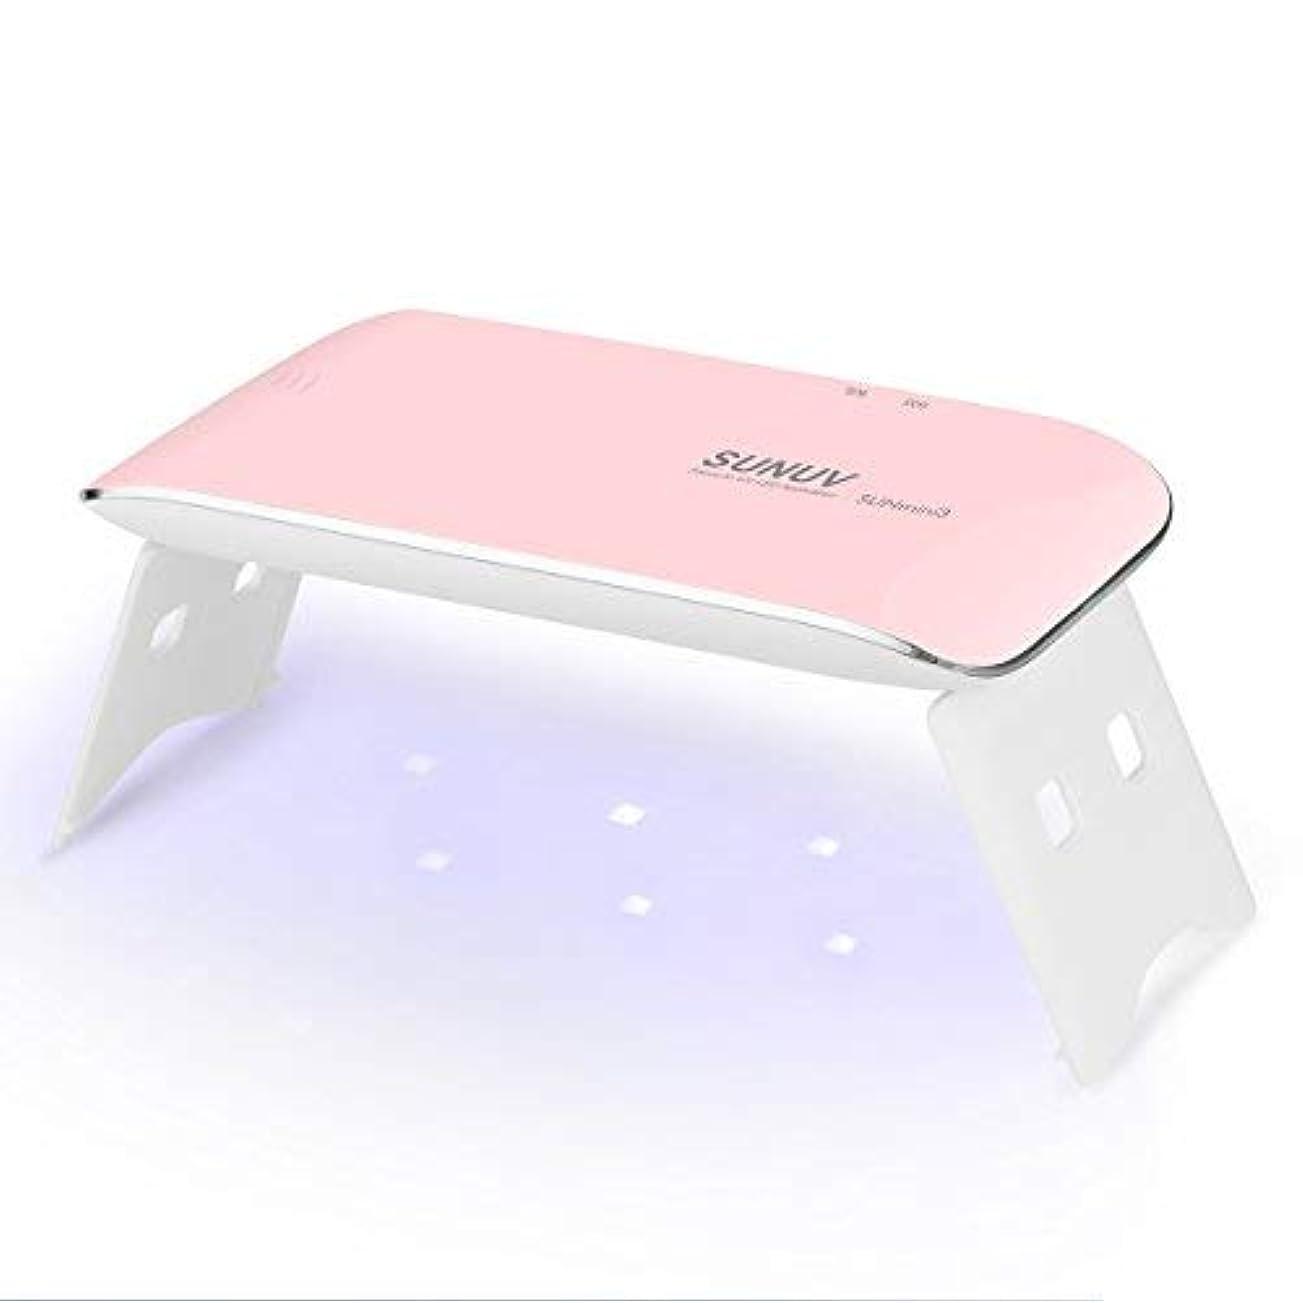 間違えた認める成長するSUNUV UV ライト レジン用 ネイルドライヤー mini ミニ ジェルネイルライト 日本語説明書 ネイルライト 6W 初心者 電池 USB給電 2倍の長寿命 カワイイ 携帯式 一年保証期間